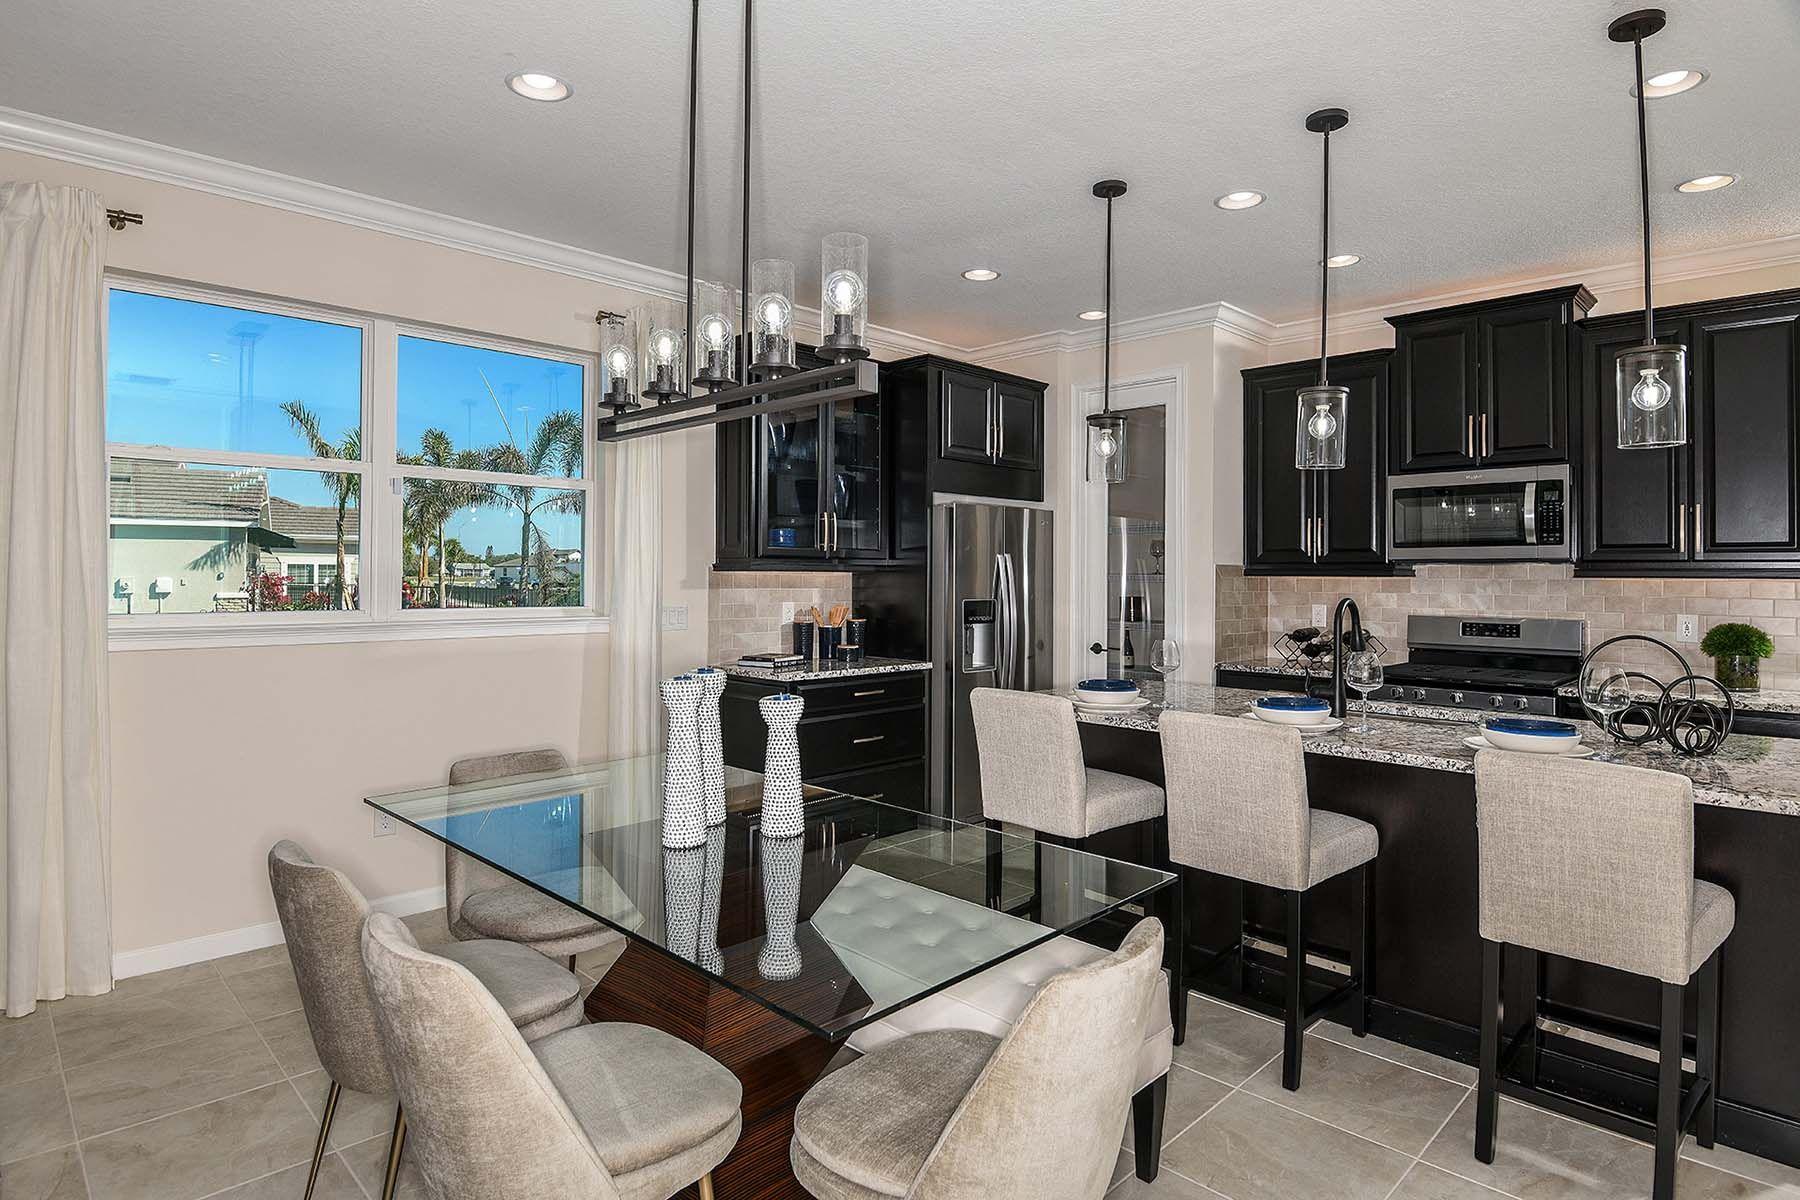 Kitchen featured in the Bayport By Mattamy Homes in Sarasota-Bradenton, FL